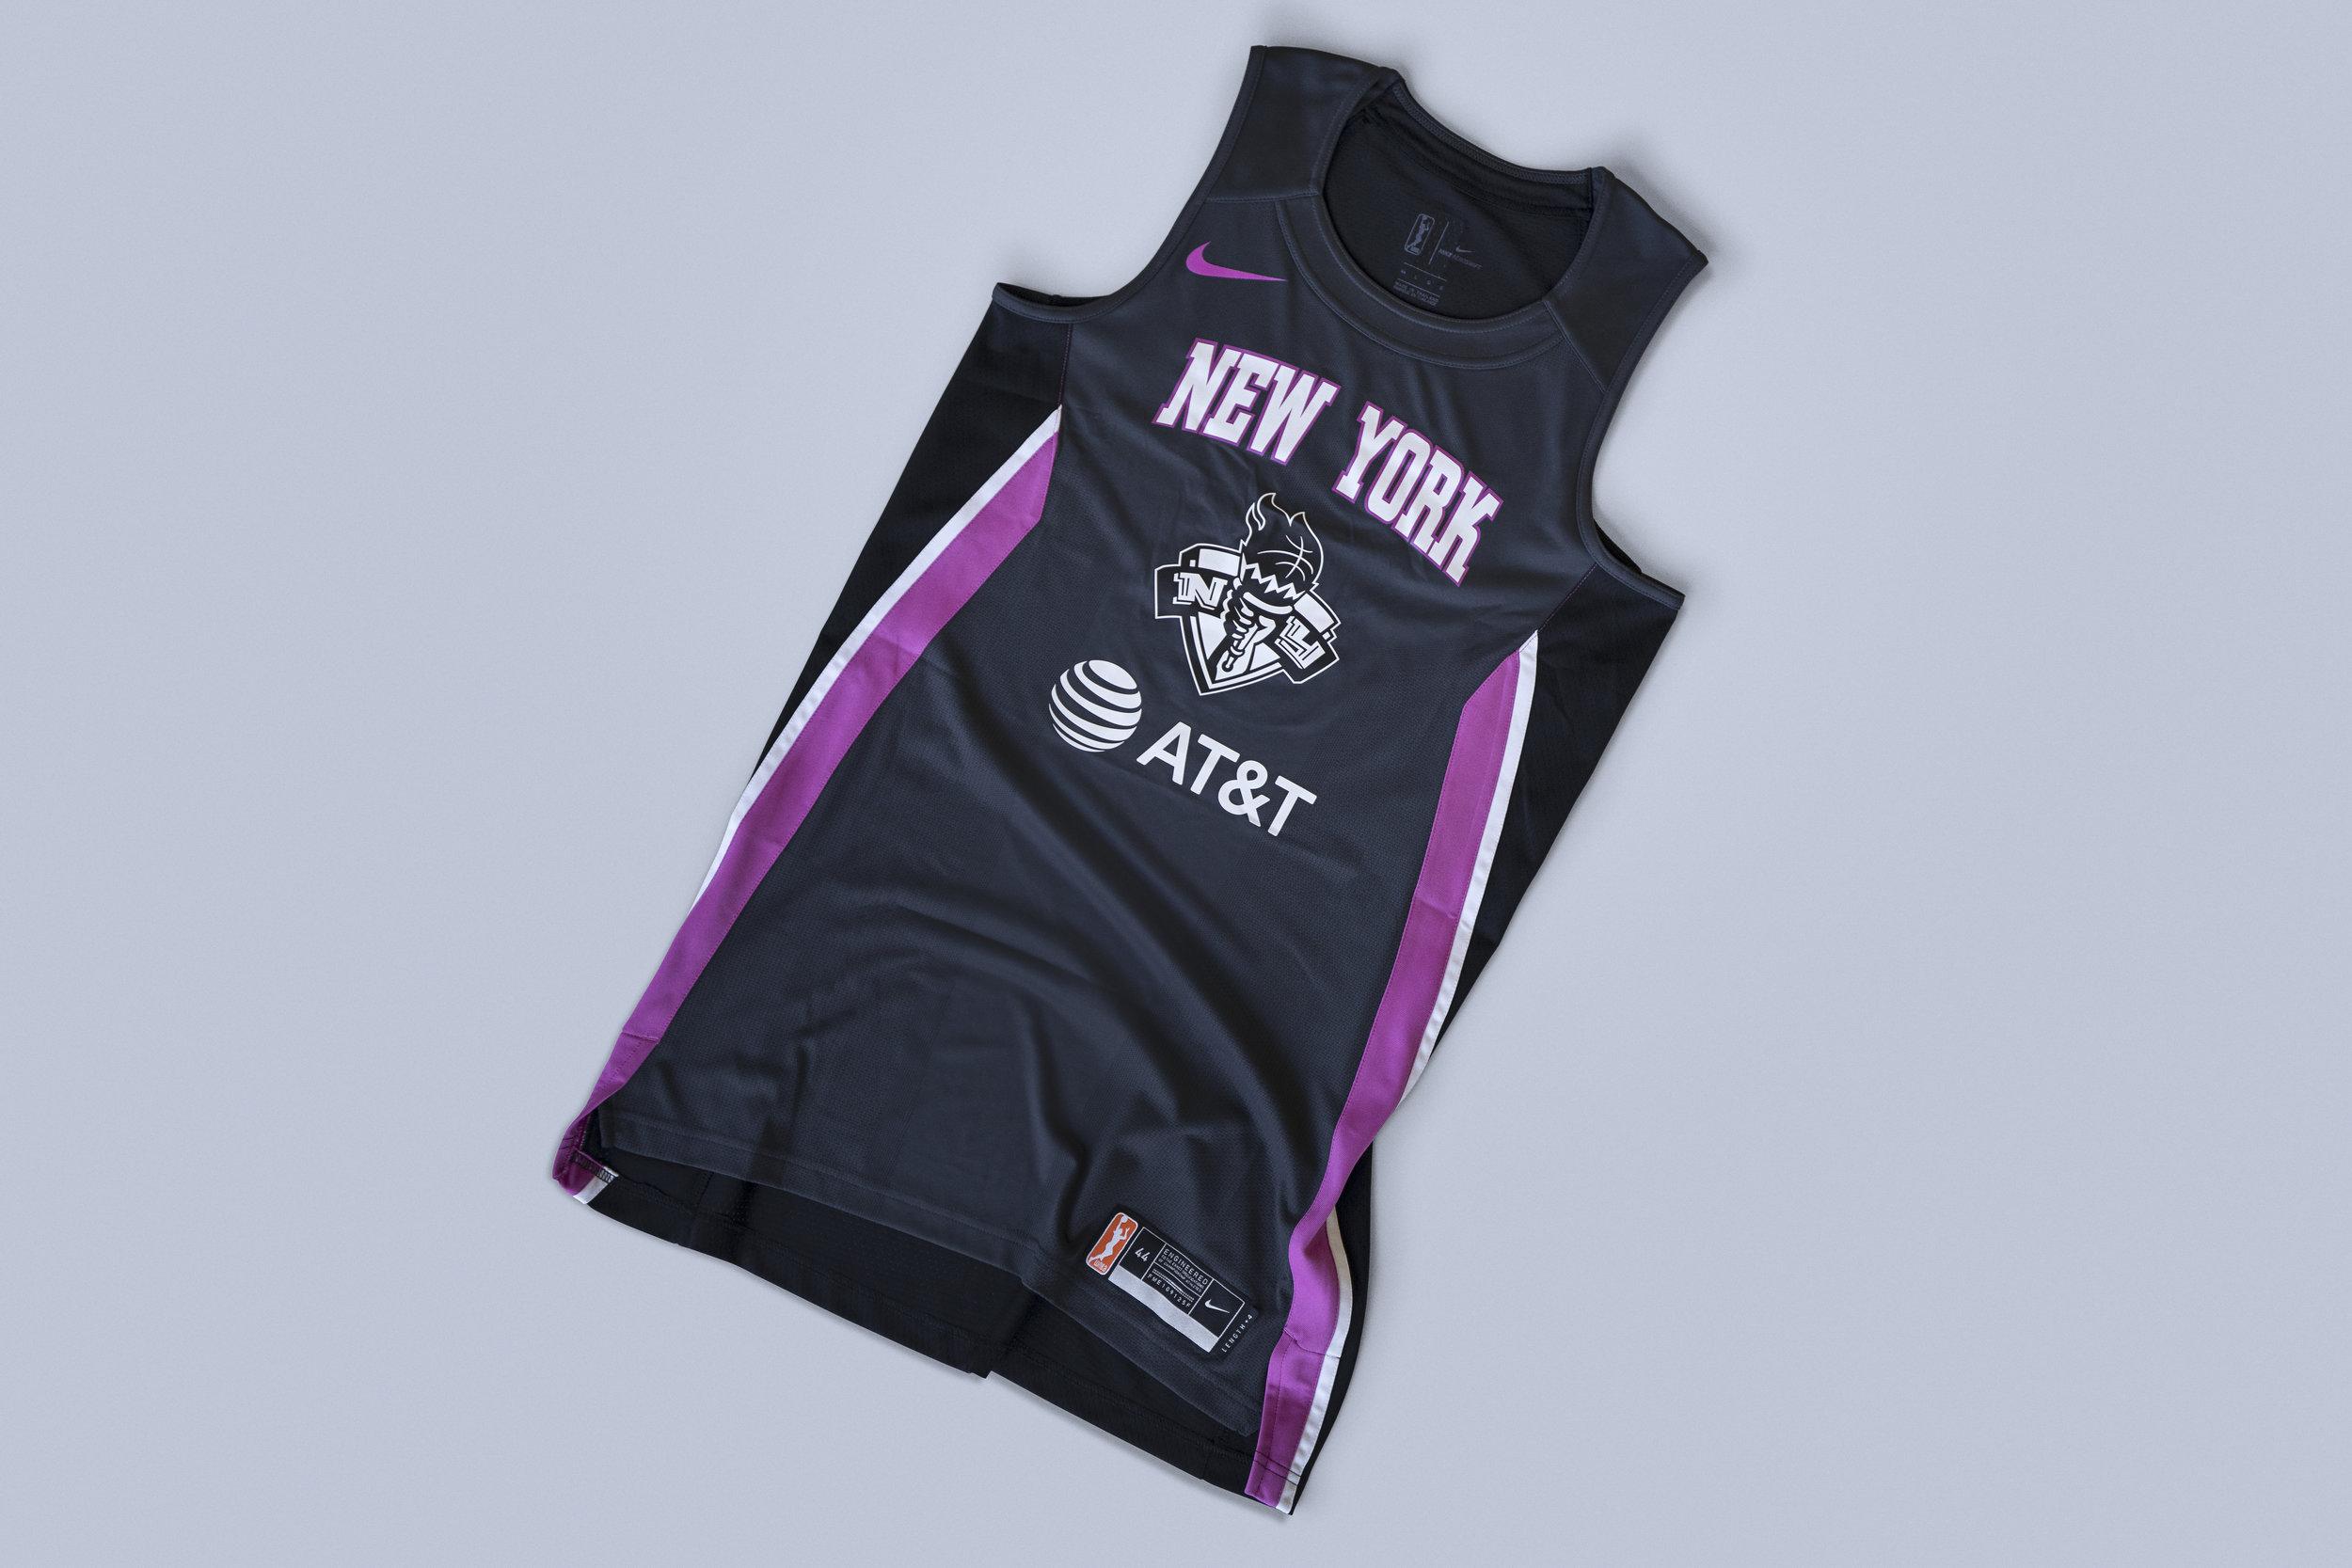 Nike_WNBA_Uniforms2019_BHA_NewYorkLiberty_IMG_9031_86896.jpg